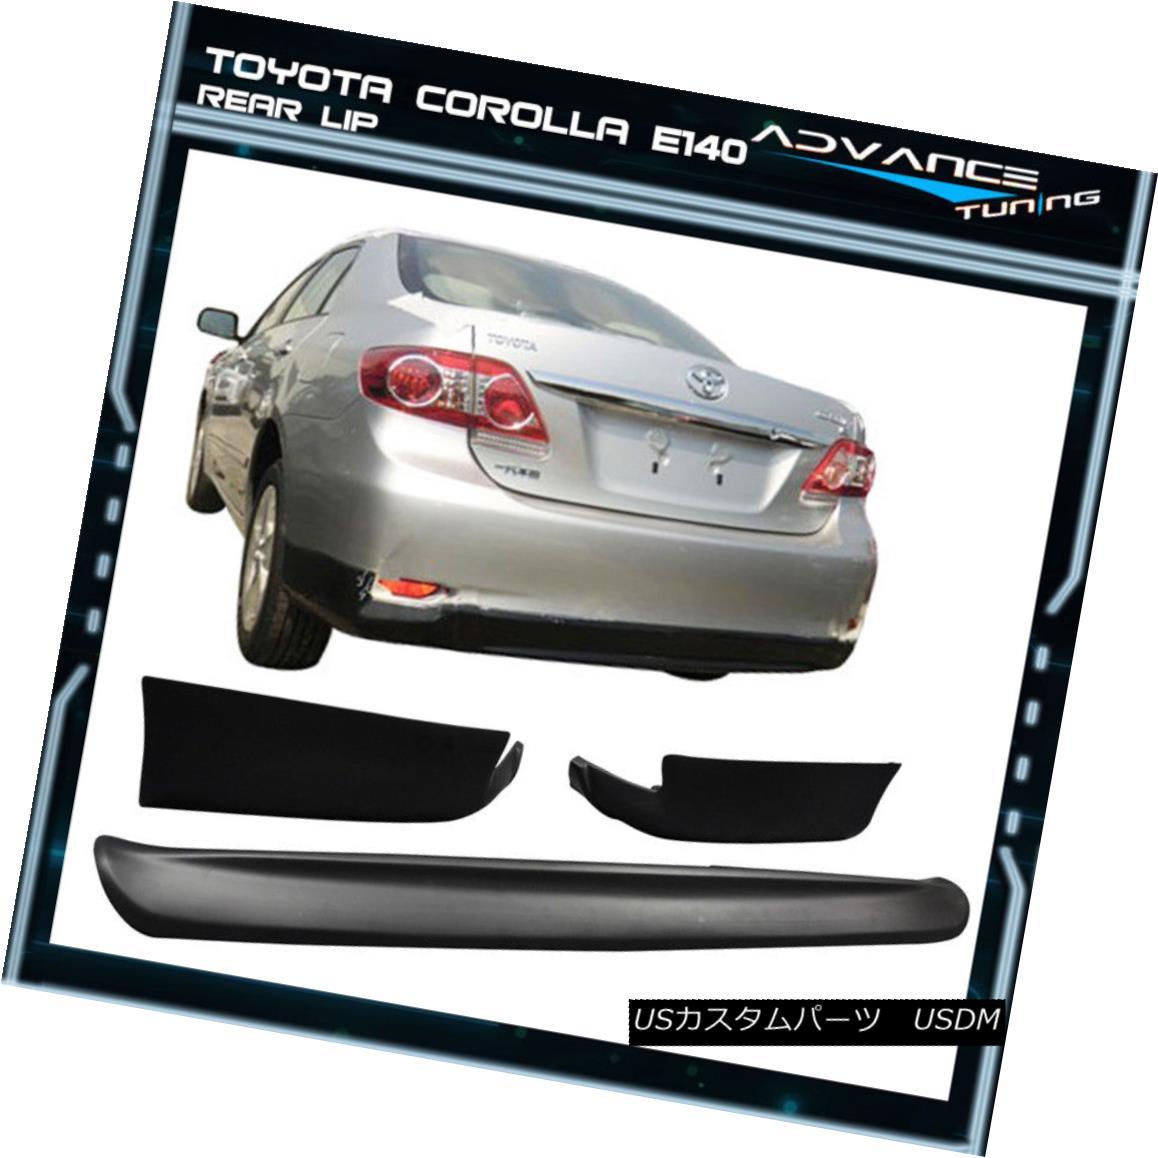 エアロパーツ For 11-13 E140 Toyota Corolla S 10 & 10.5 Gen PP Rear Bumper Lip Conversion 11-13 E140トヨタカローラS 10& 10.5 Gen PPリアバンパーリップ変換